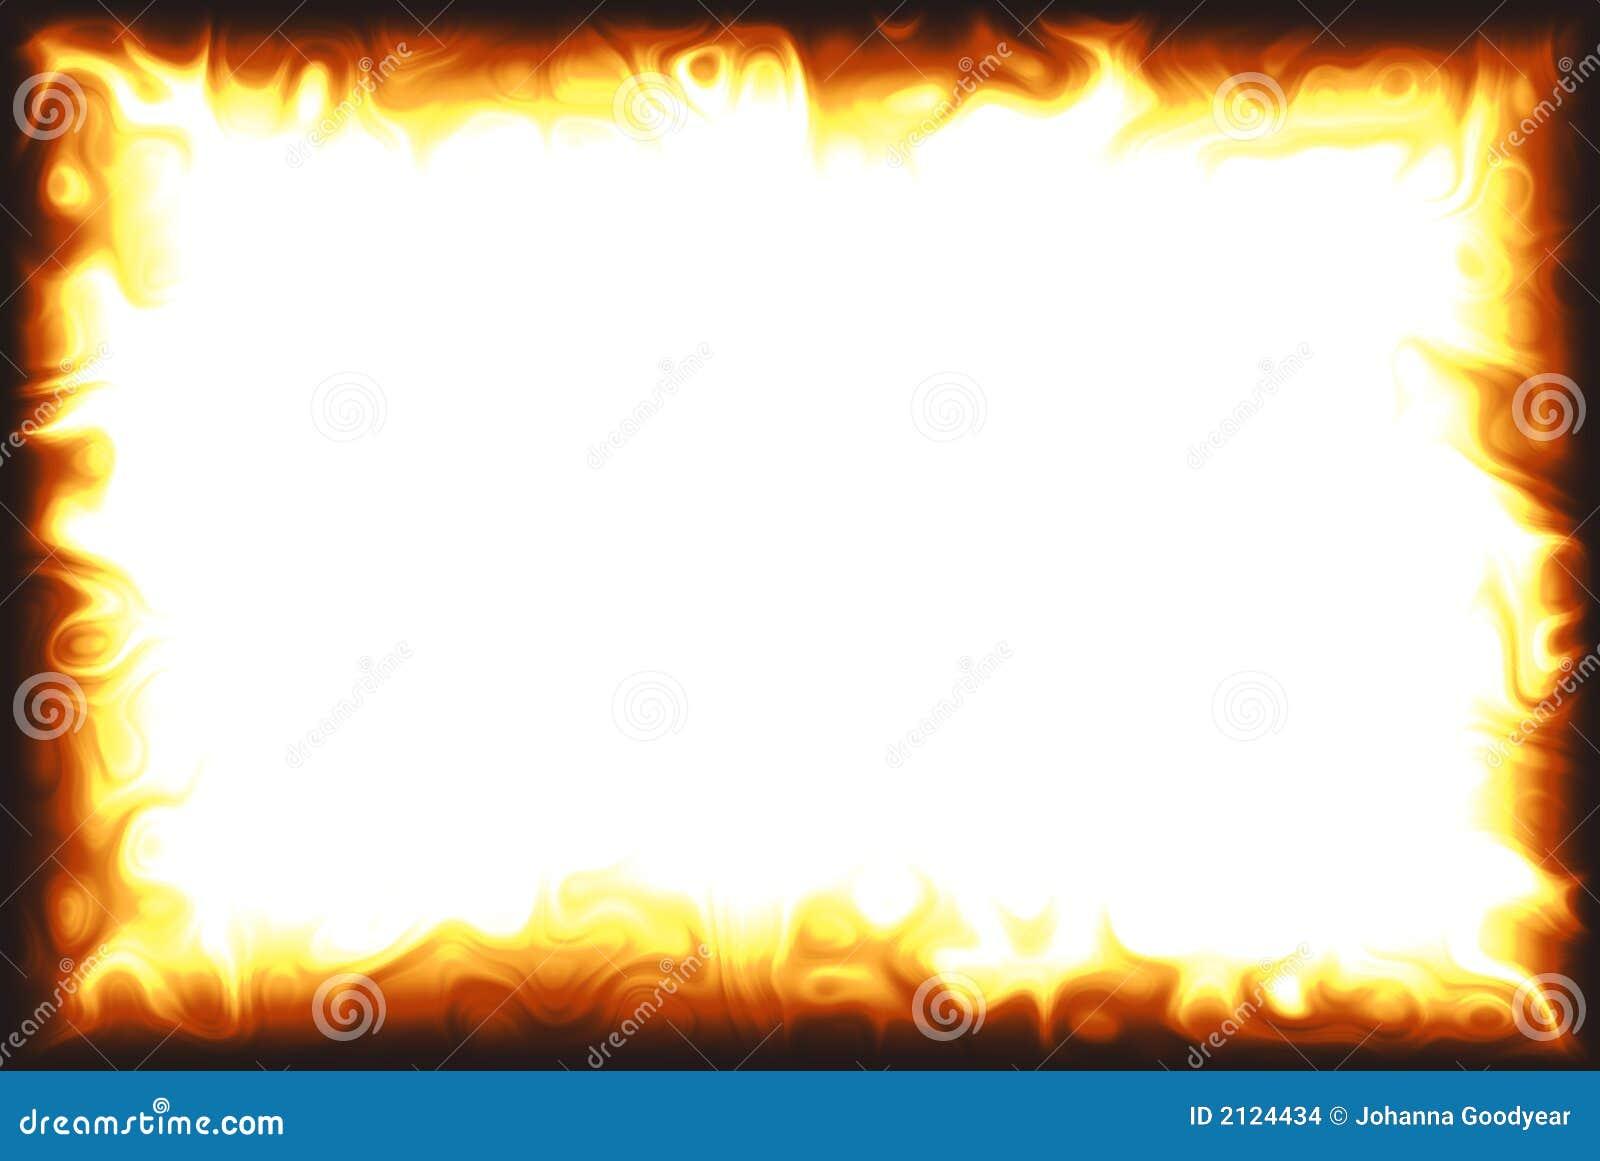 cadre de flamme images stock image 2124434. Black Bedroom Furniture Sets. Home Design Ideas